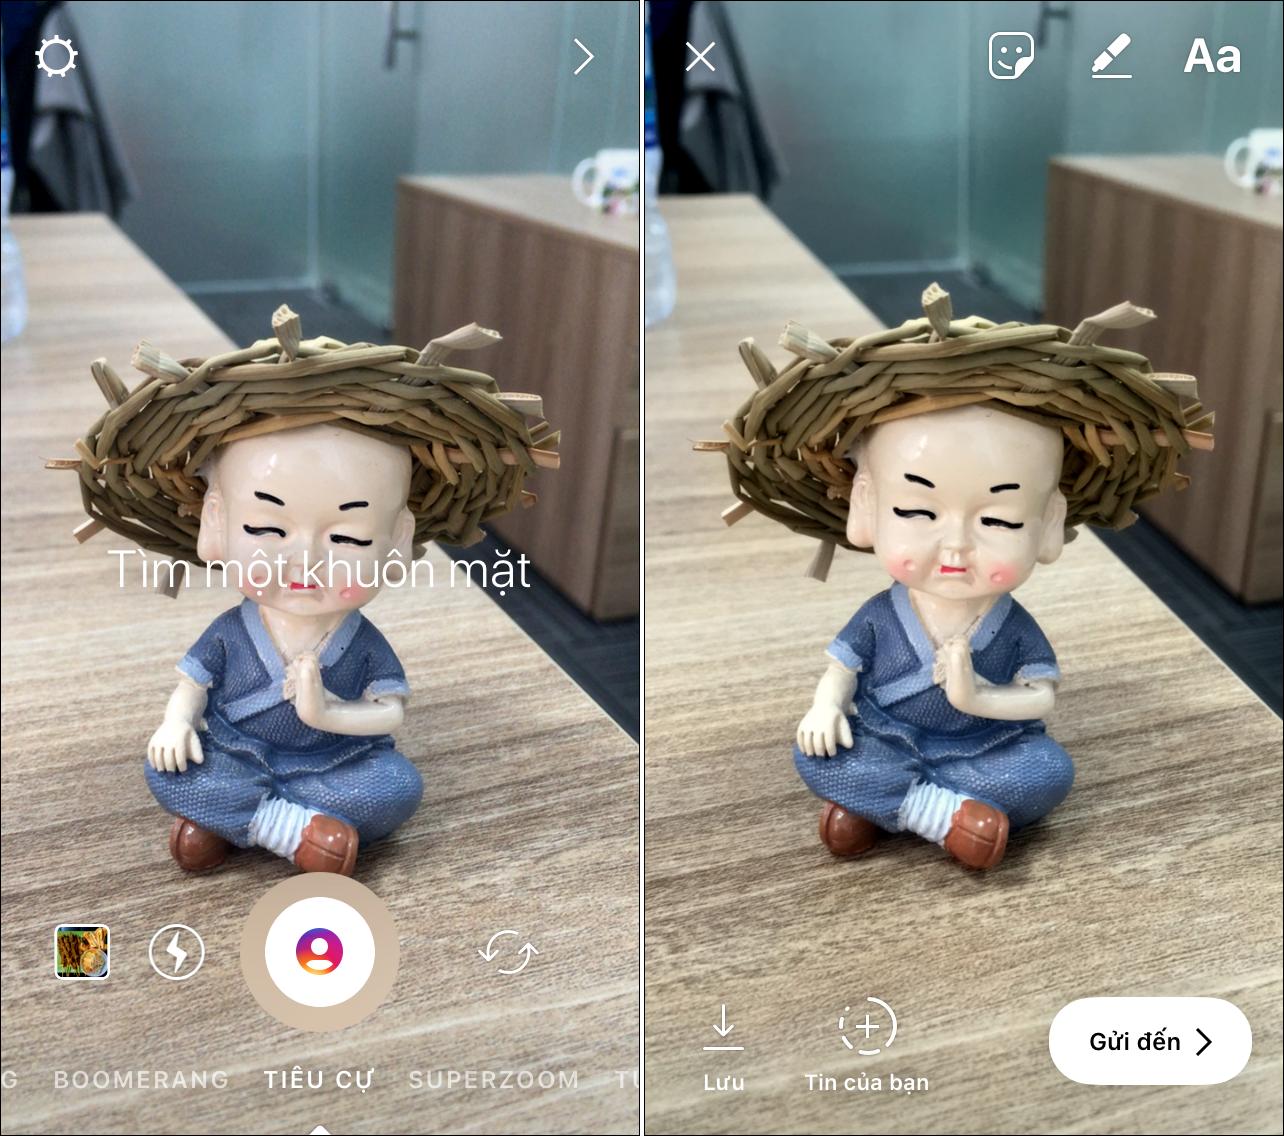 Thủ thuật chụp ảnh chân dung xóa phông bằng ứng dụng Instagram